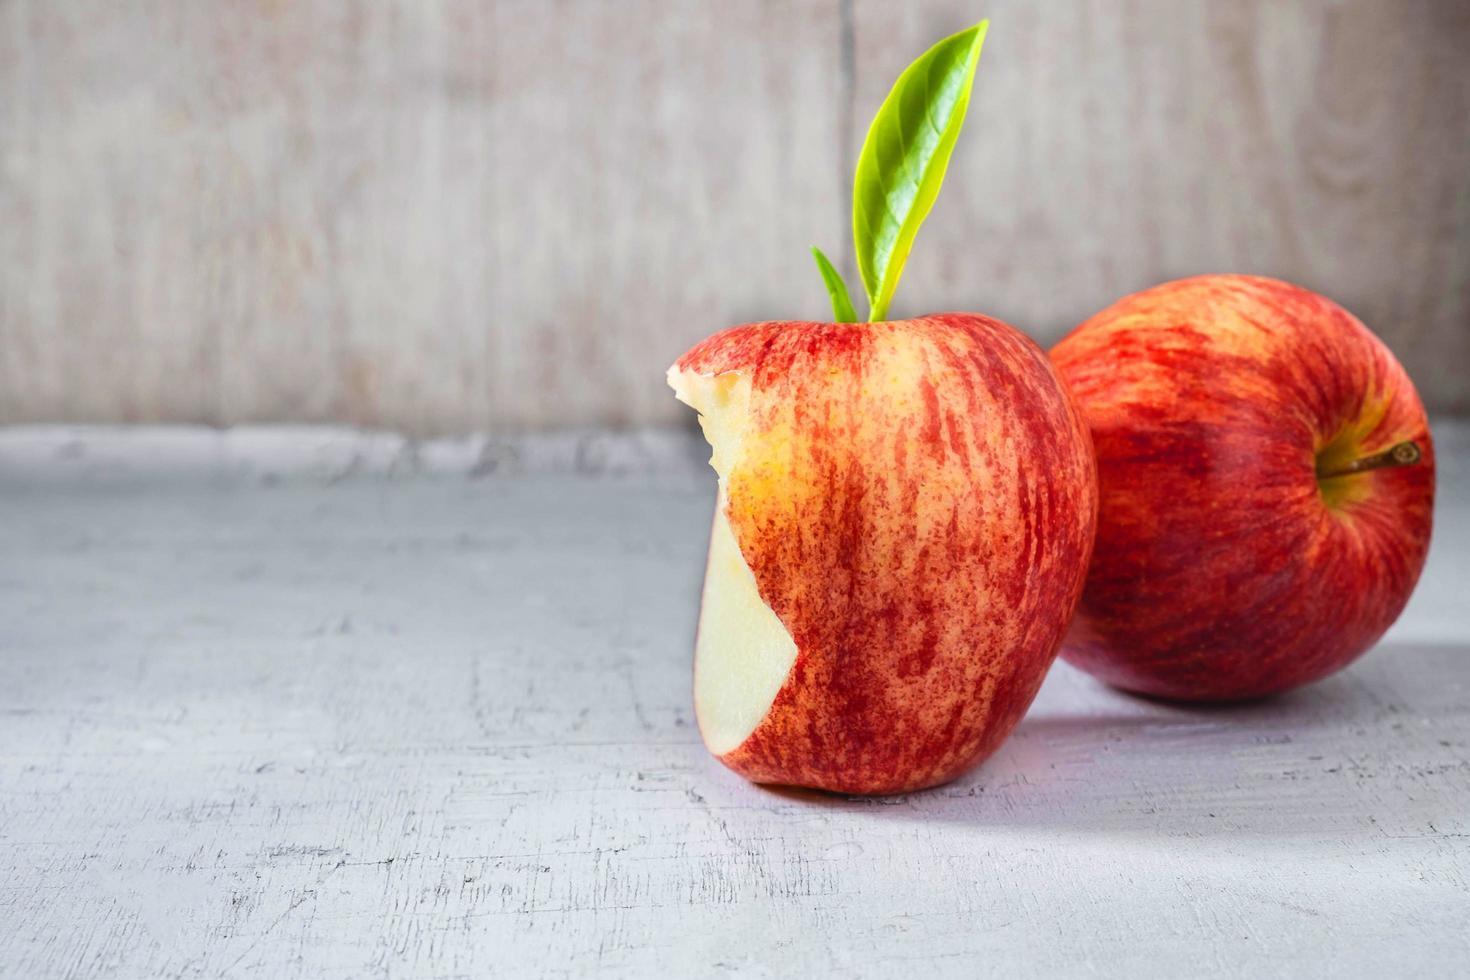 mele rosse su un tavolo grigio foto